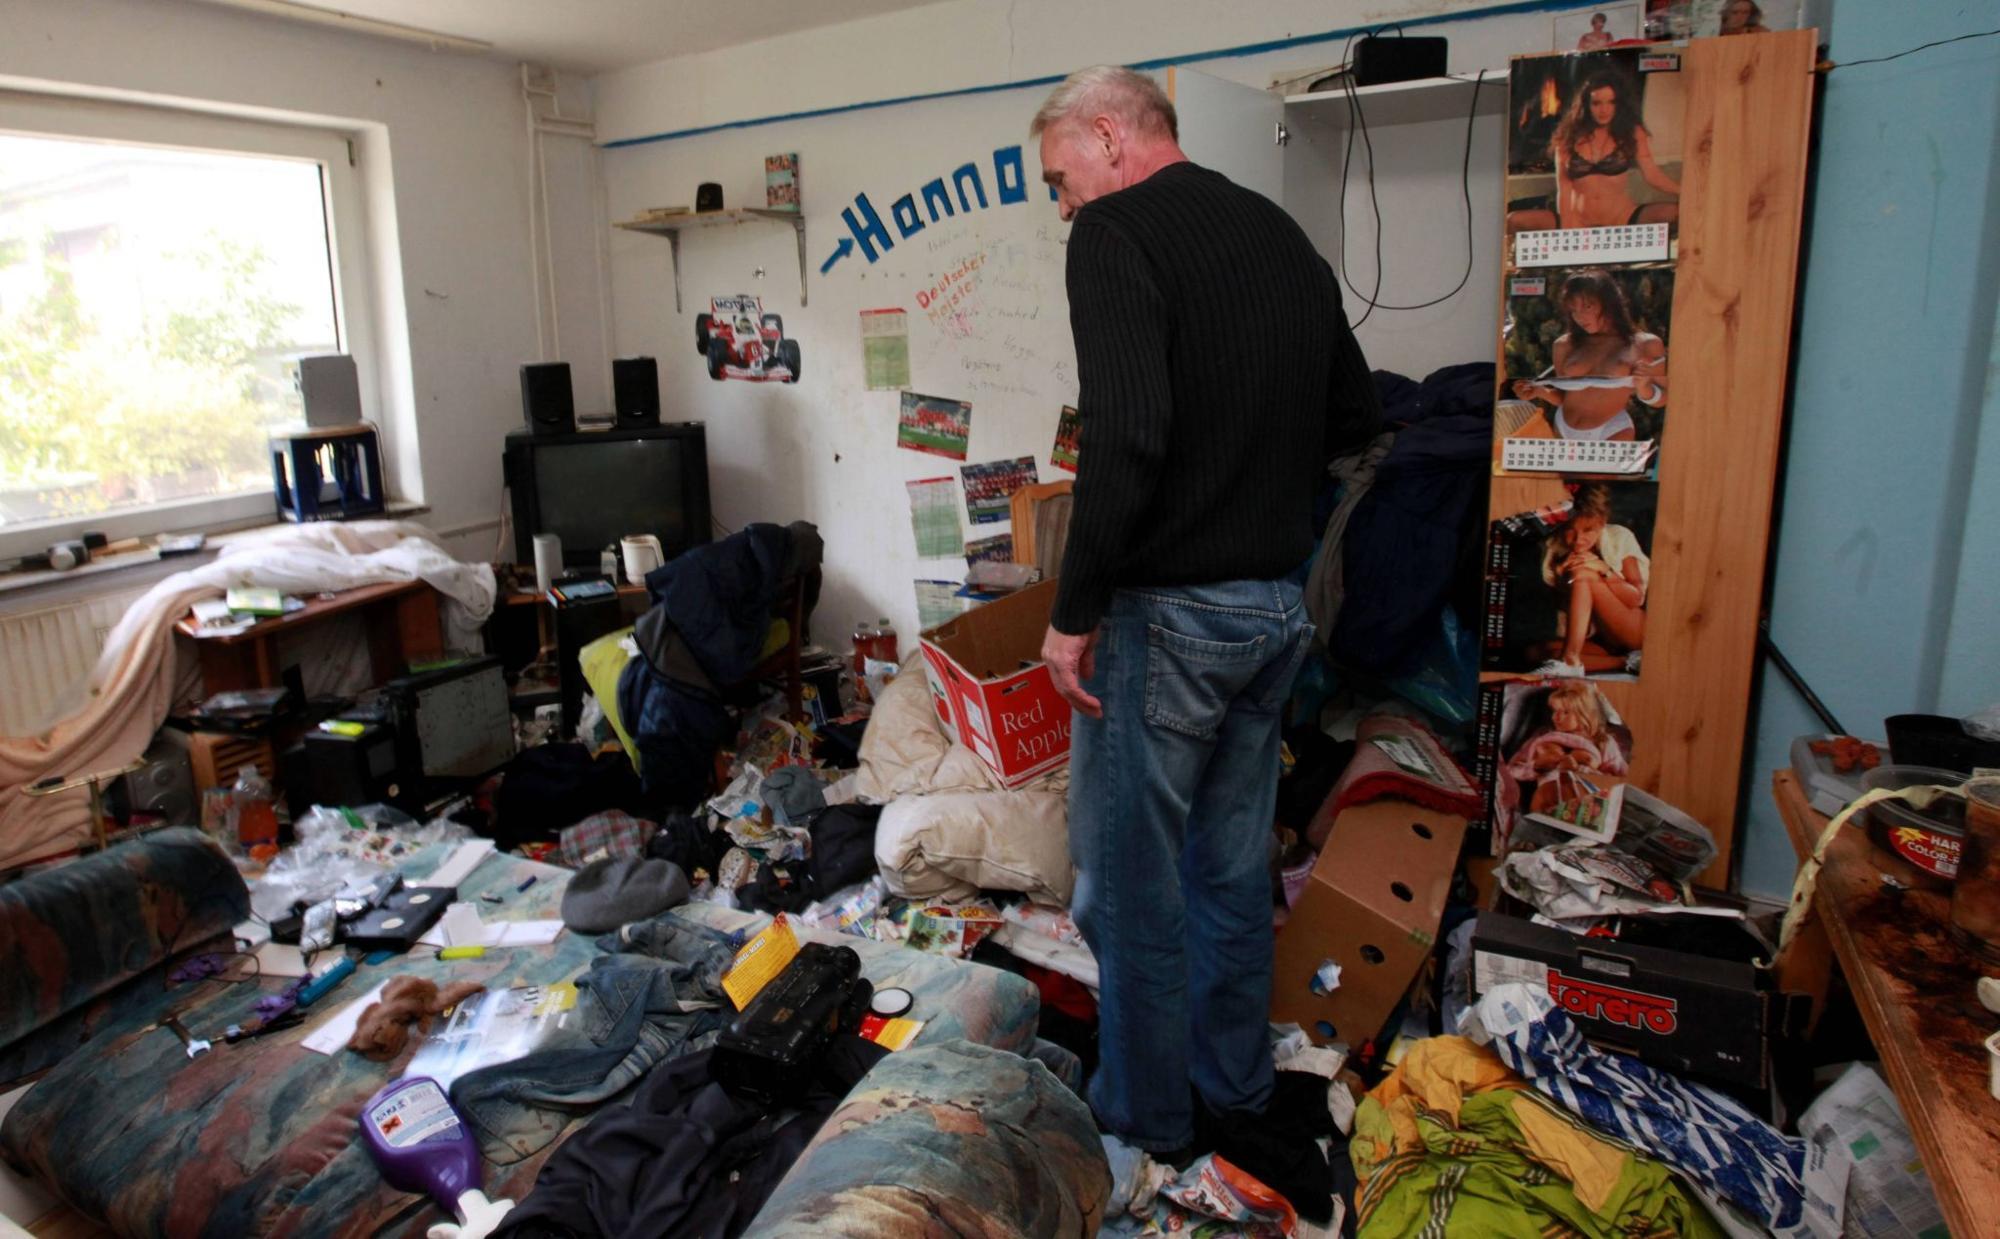 Zuruck Blieb Chaos Messie Vermullte Wohnung Und Verschwand